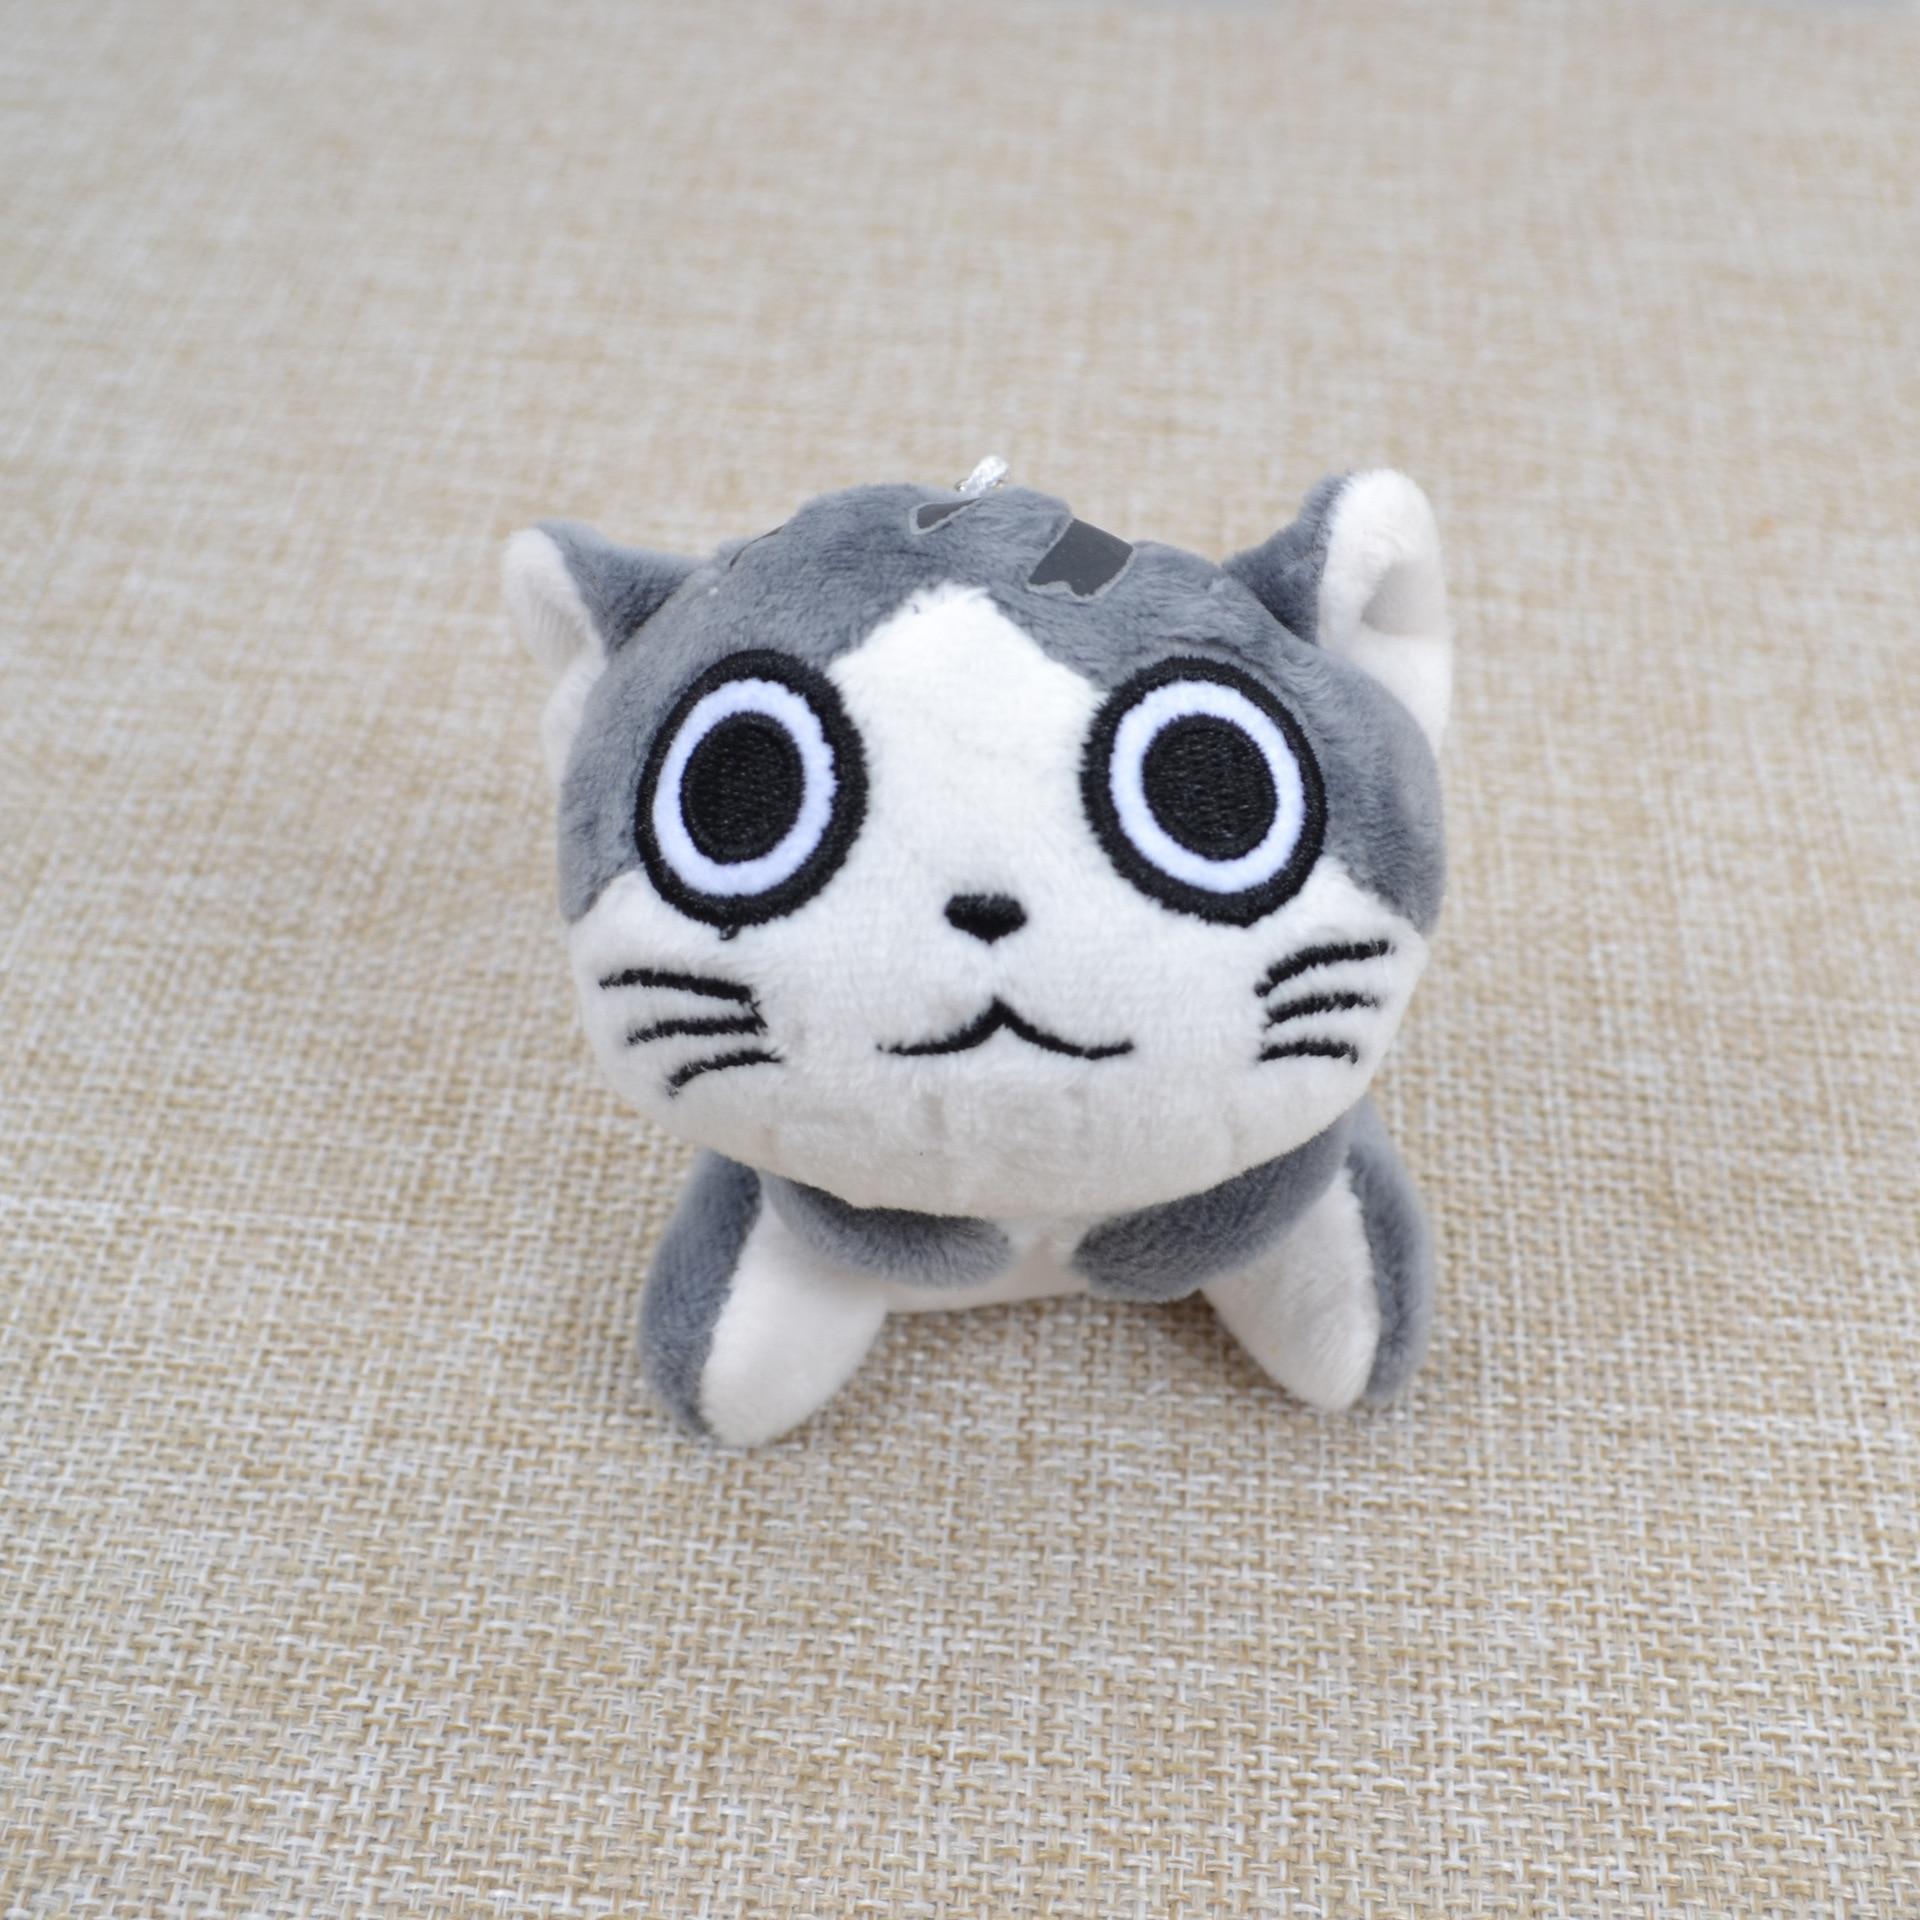 Kawaii серый сидя 9 см кошка плюшевые мягкие игрушки, букет подарок мягкая плюшевая кошка кукла, брелок с котом плюшевая игрушка цветок кошка кукла подарок - Цвет: B 9cm